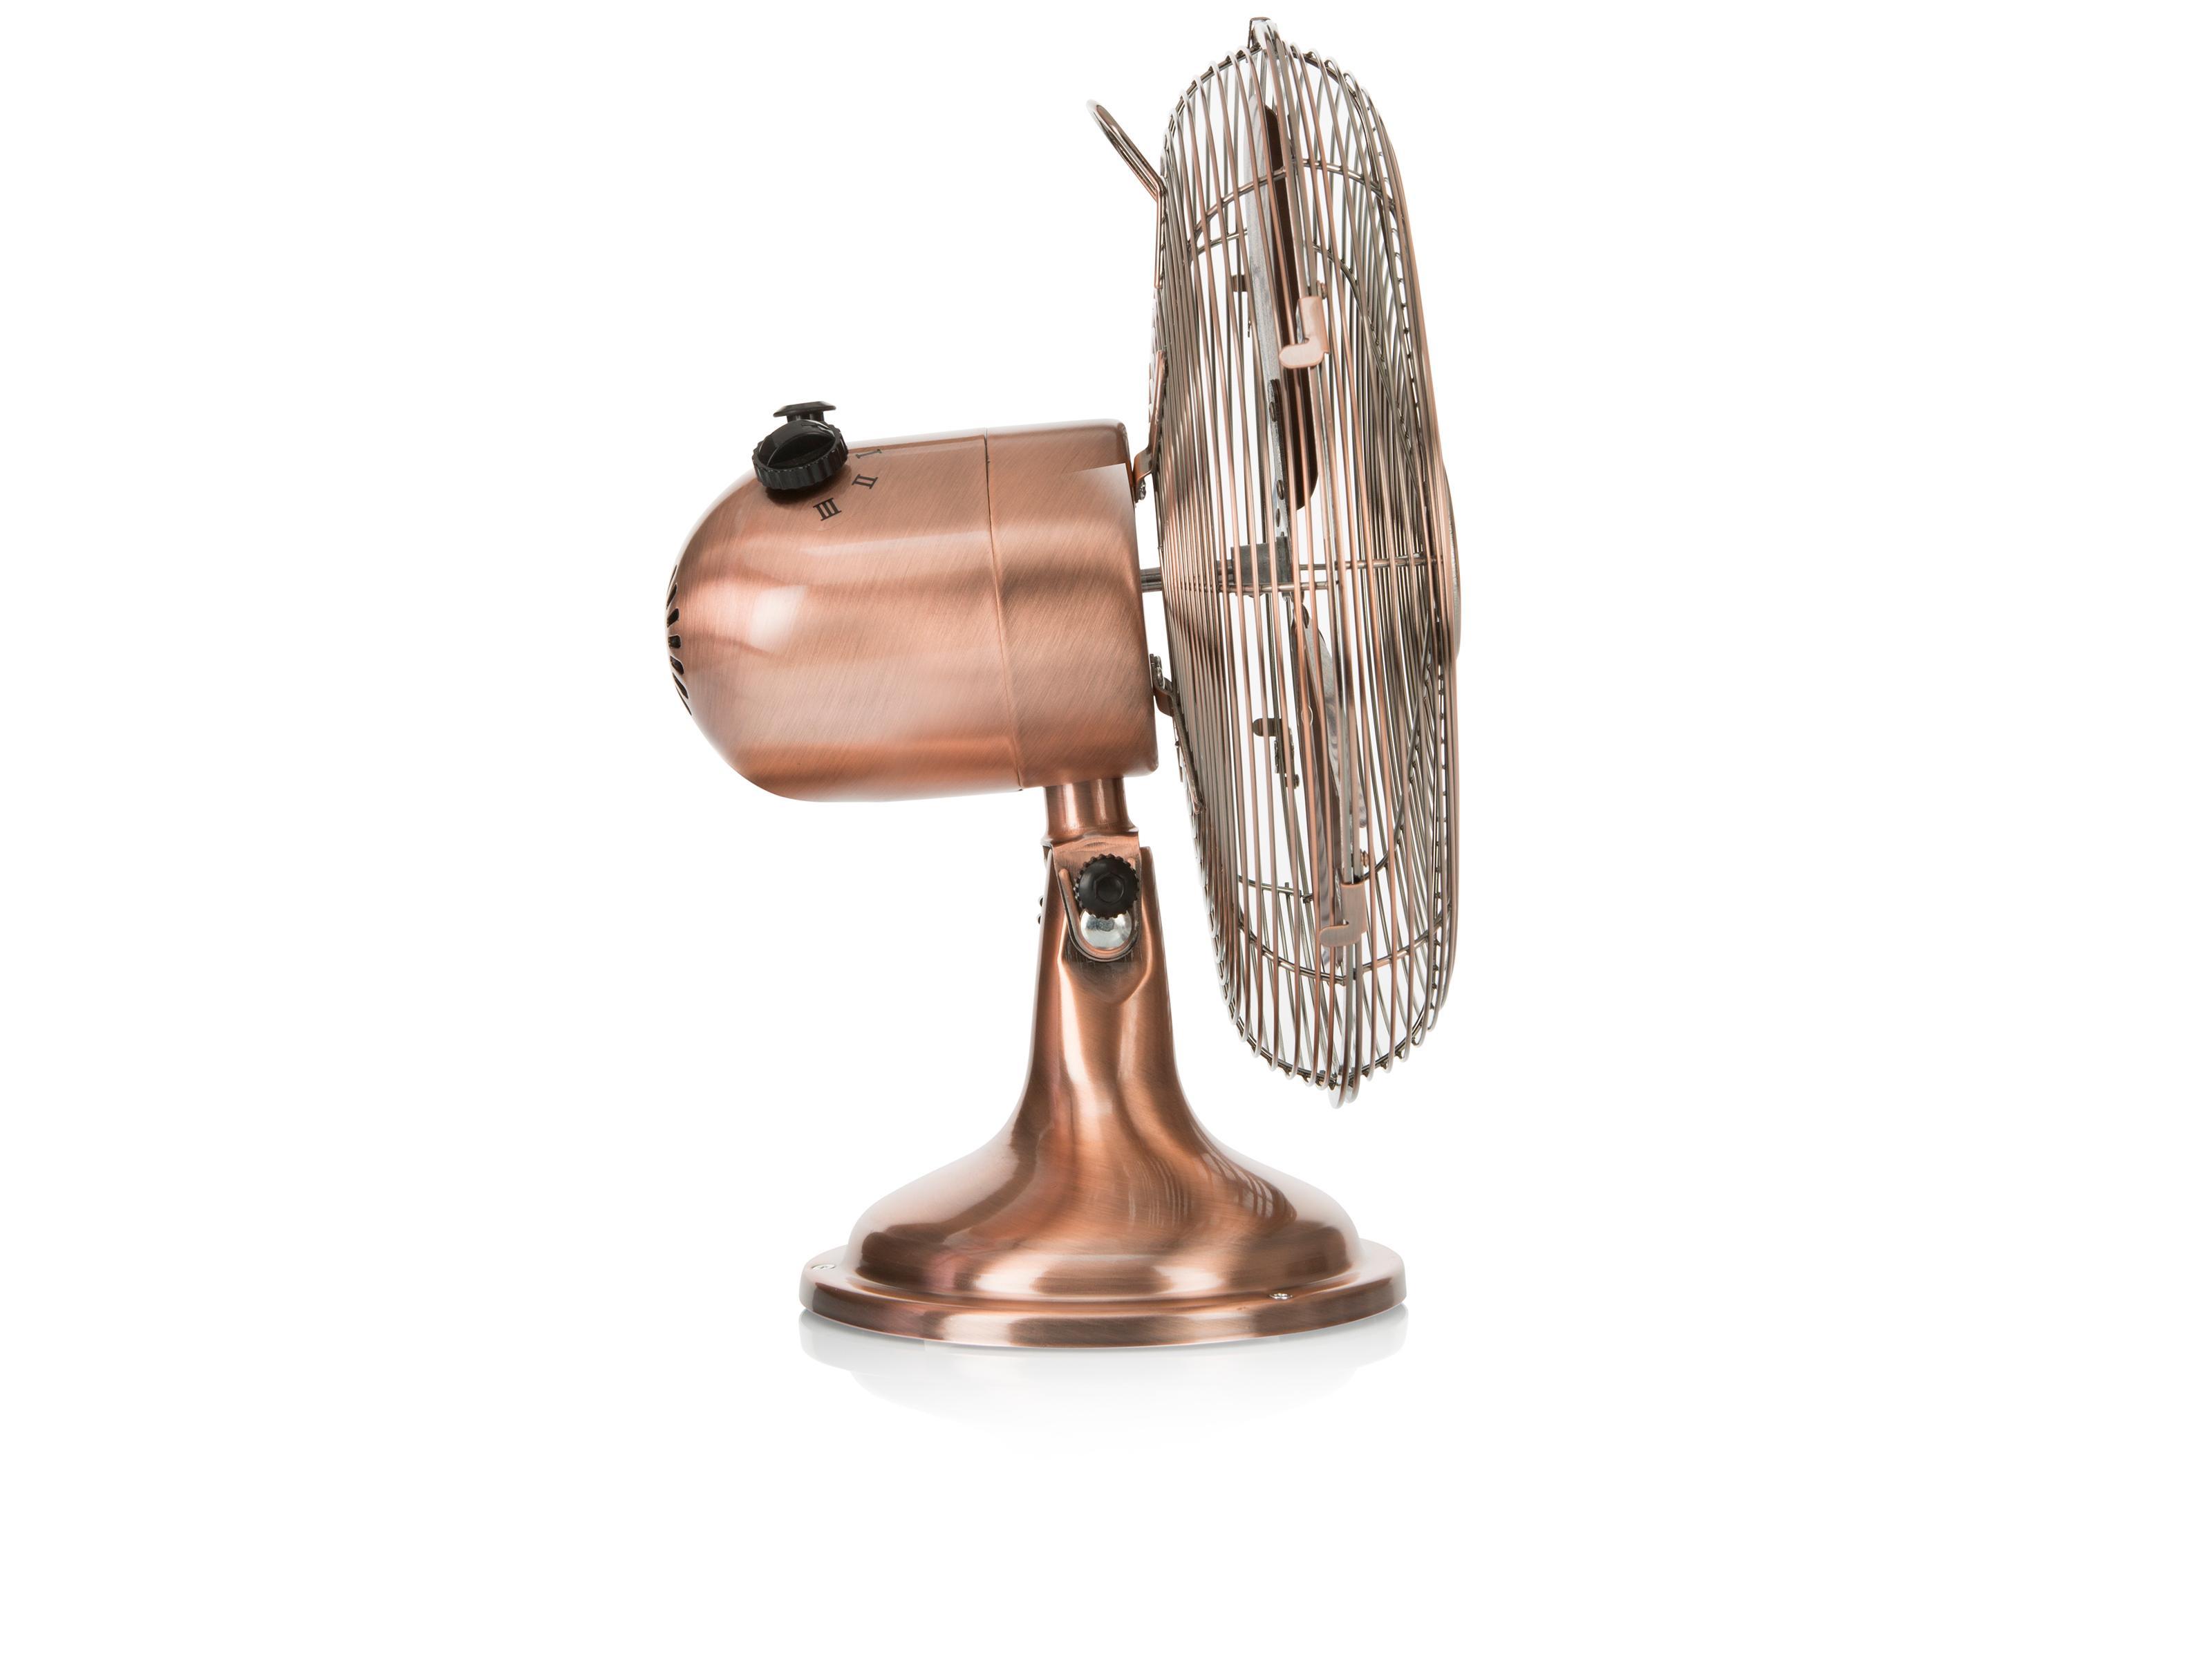 Ventilateur pas cher silencieux ventilateur colonne - Ventilateur salle de bain silencieux ...